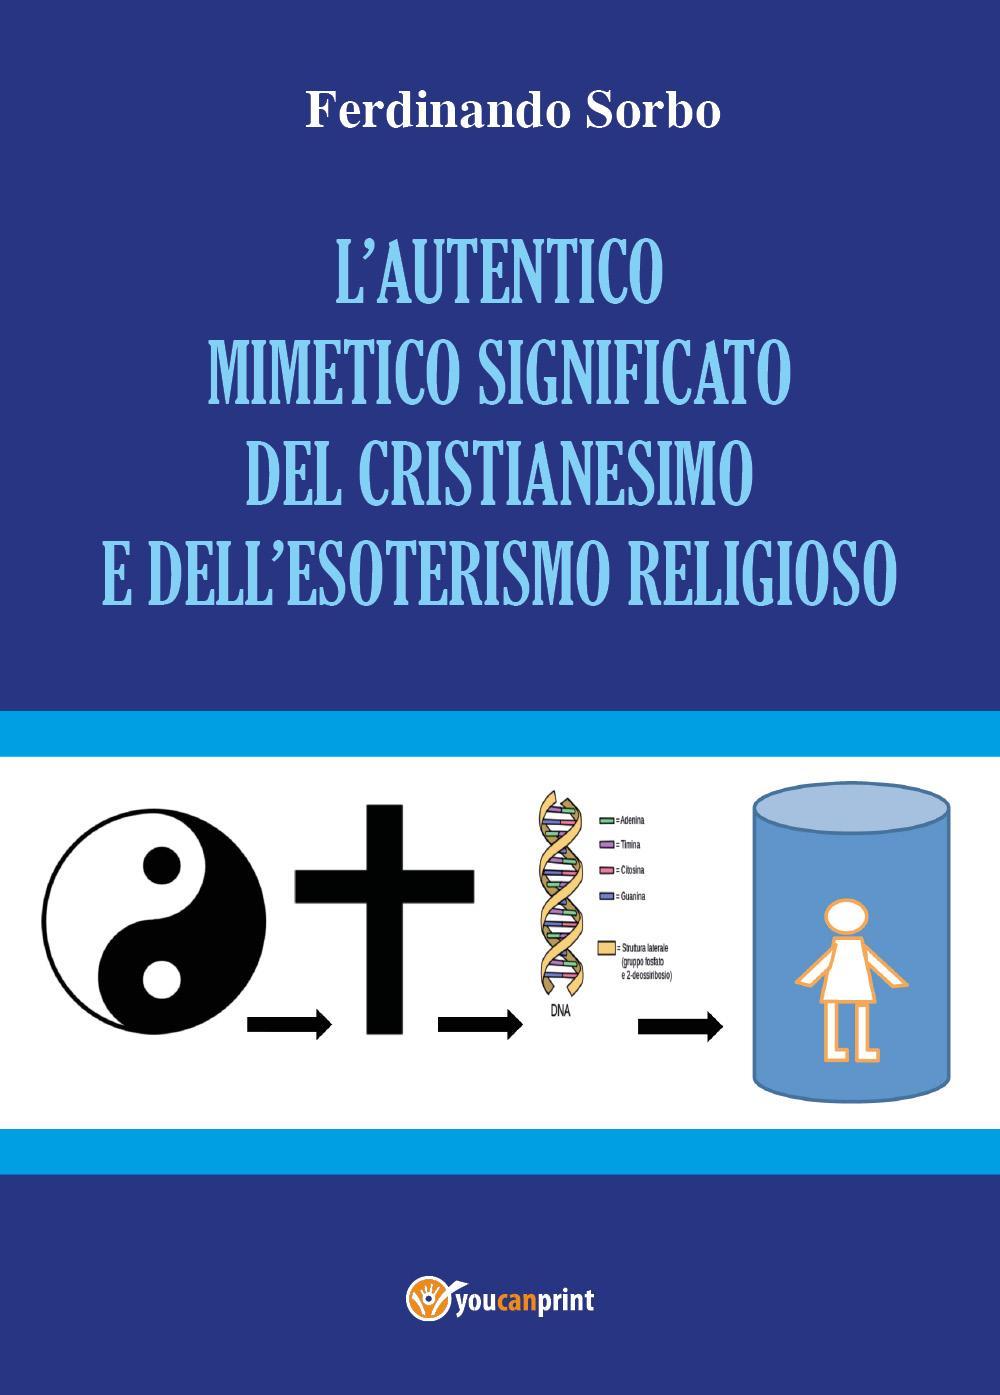 L'autentico mimetico significato del cristianesimo e dell'esoterismo religioso